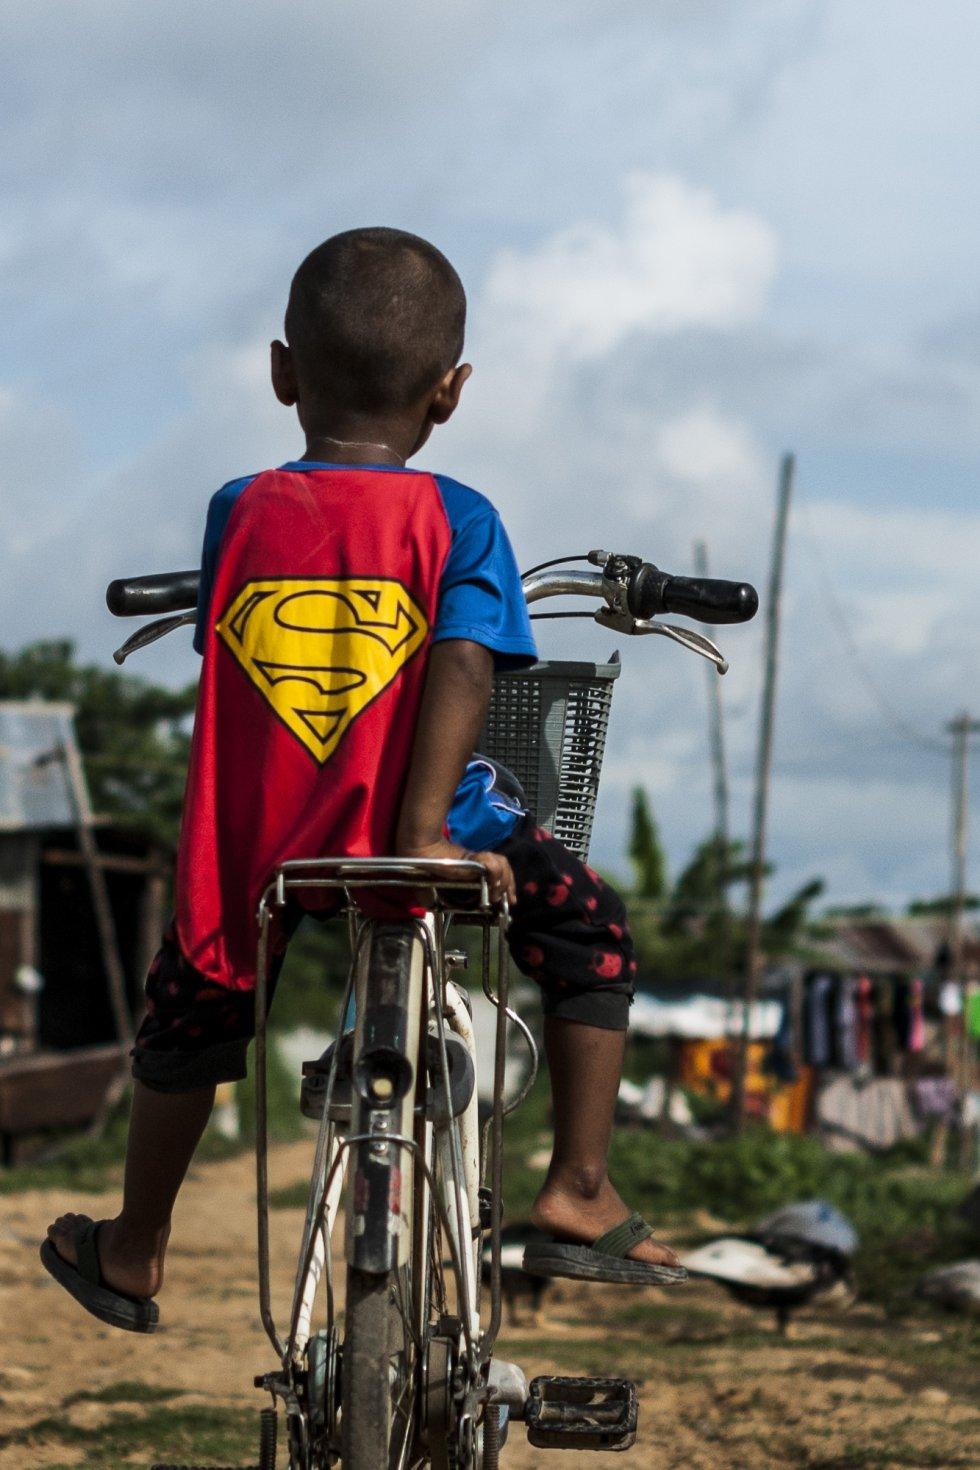 """El hijo pequeño de Sandar, de tres años, espera a su madre sentado en la bicicleta vestido con un traje de Superman. Van al centro de detención de Mae Sot a visitar a su padre. """"Me gustaría que mis hijos no tuviesen que trabajar tanto como yo"""", dice Sandar. """"Me gustaría que estudiasen y fuesen médicos o contables""""."""